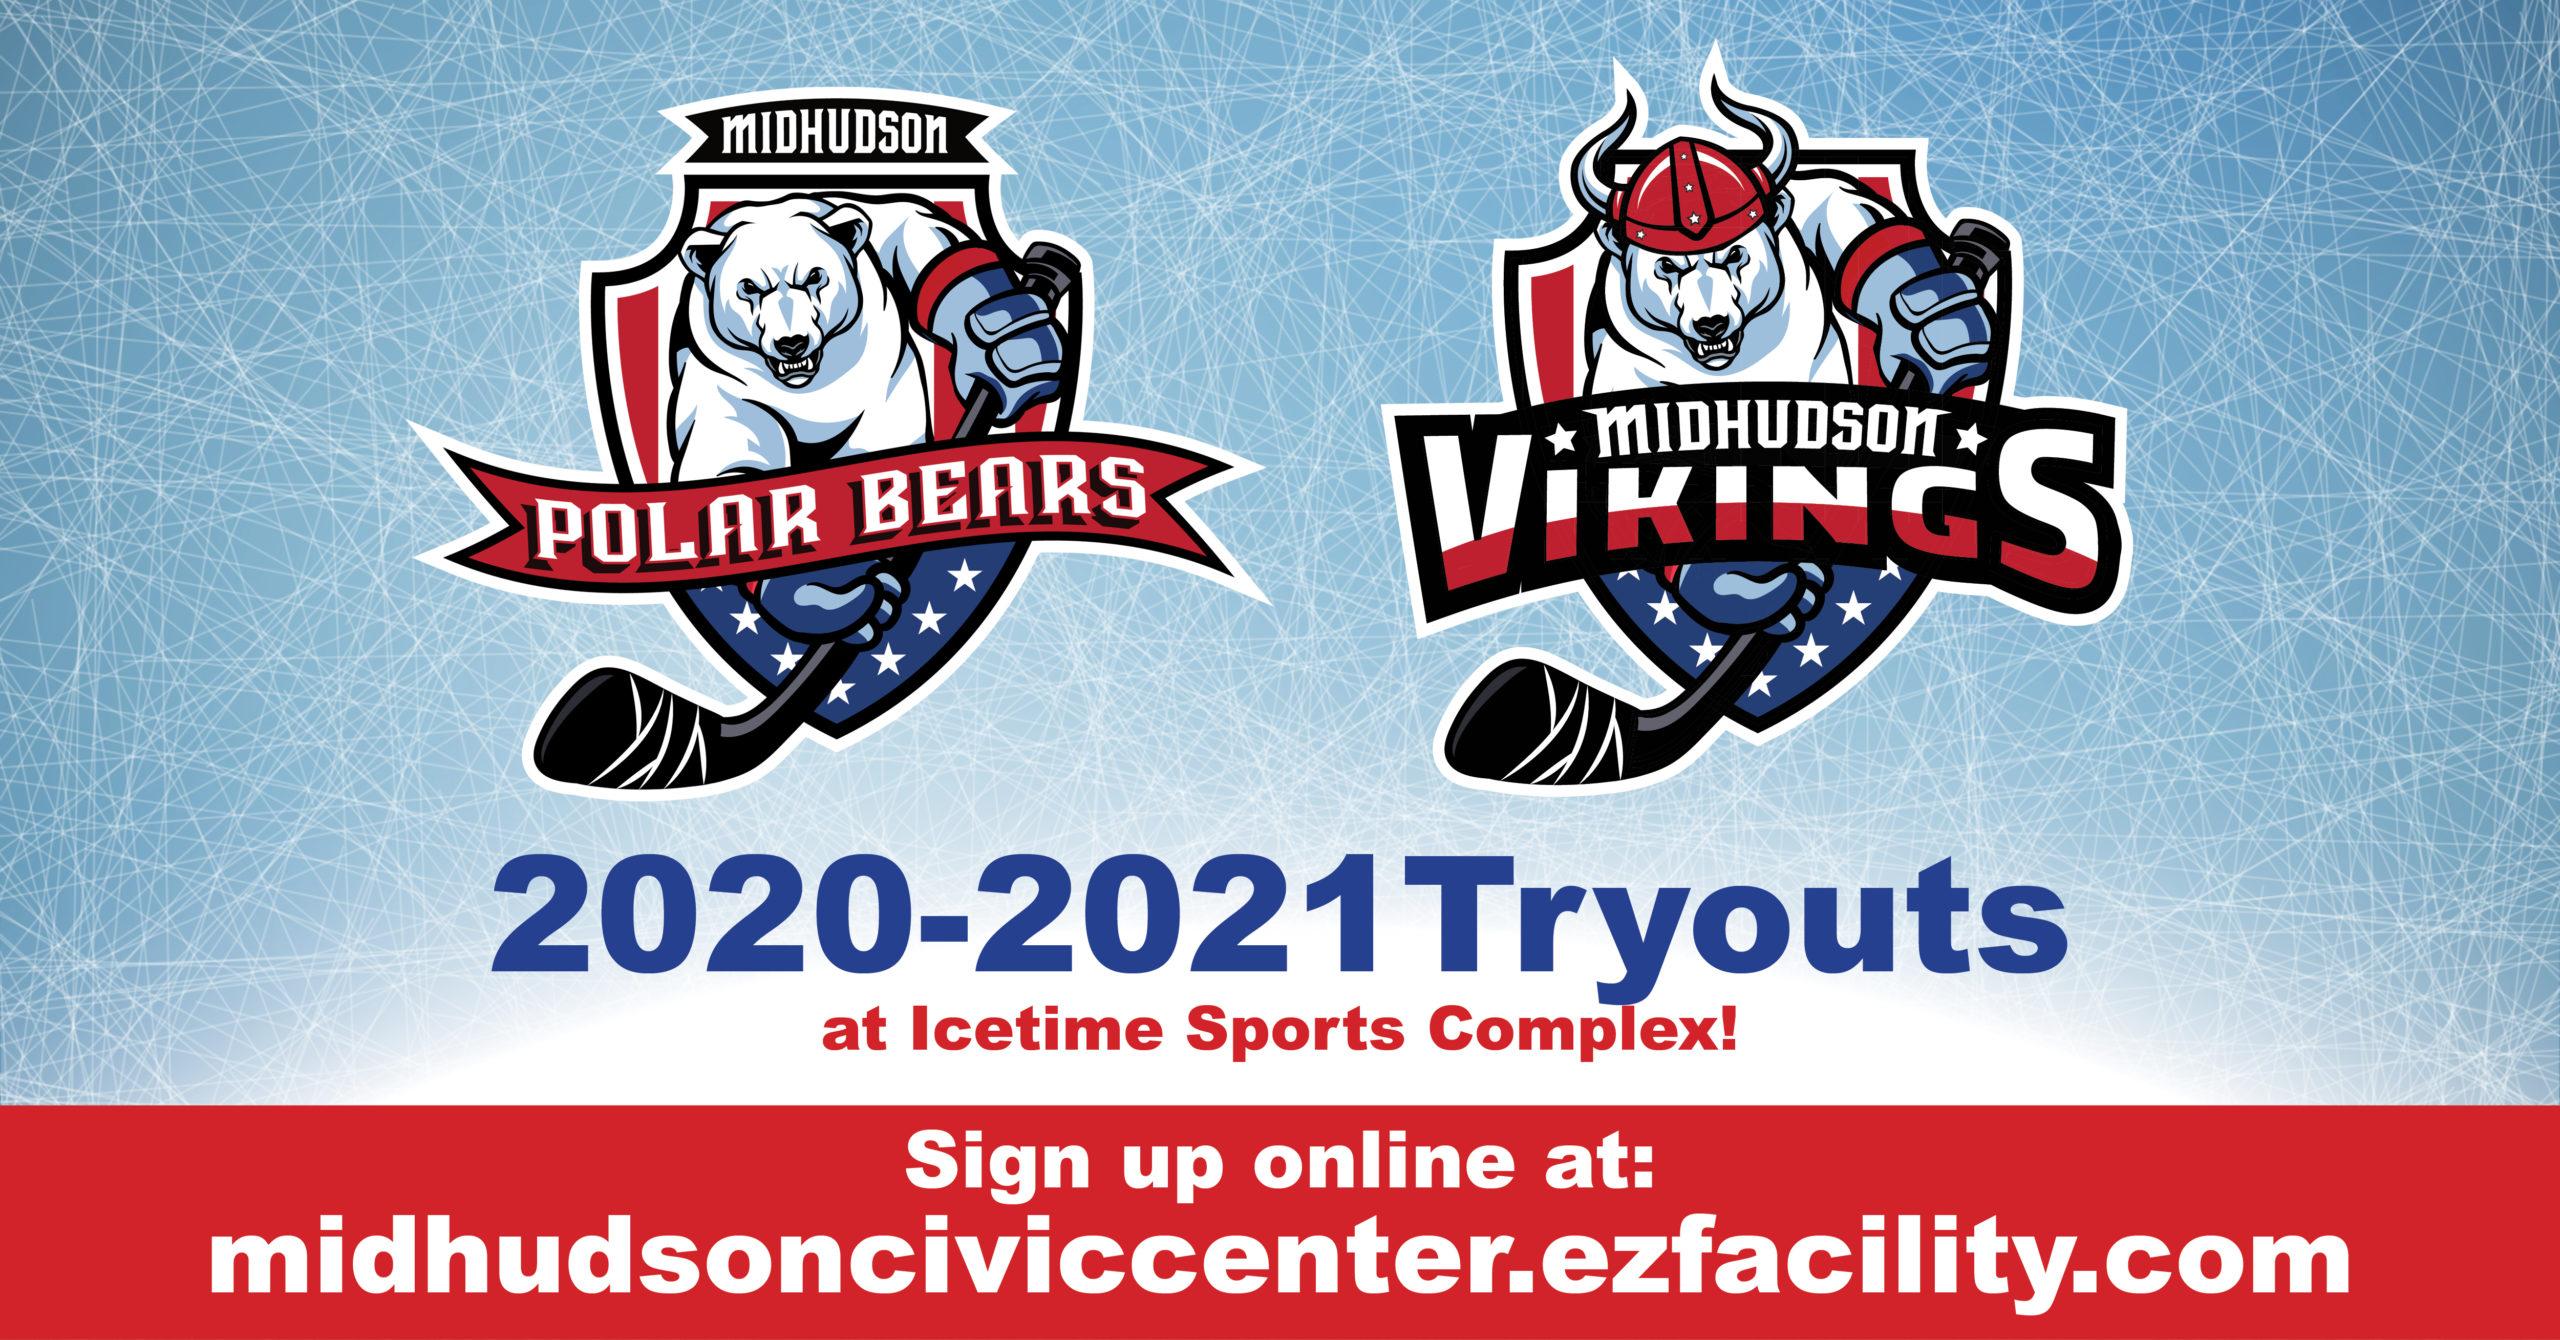 Polar Bears and Vikings Hockey Tryouts